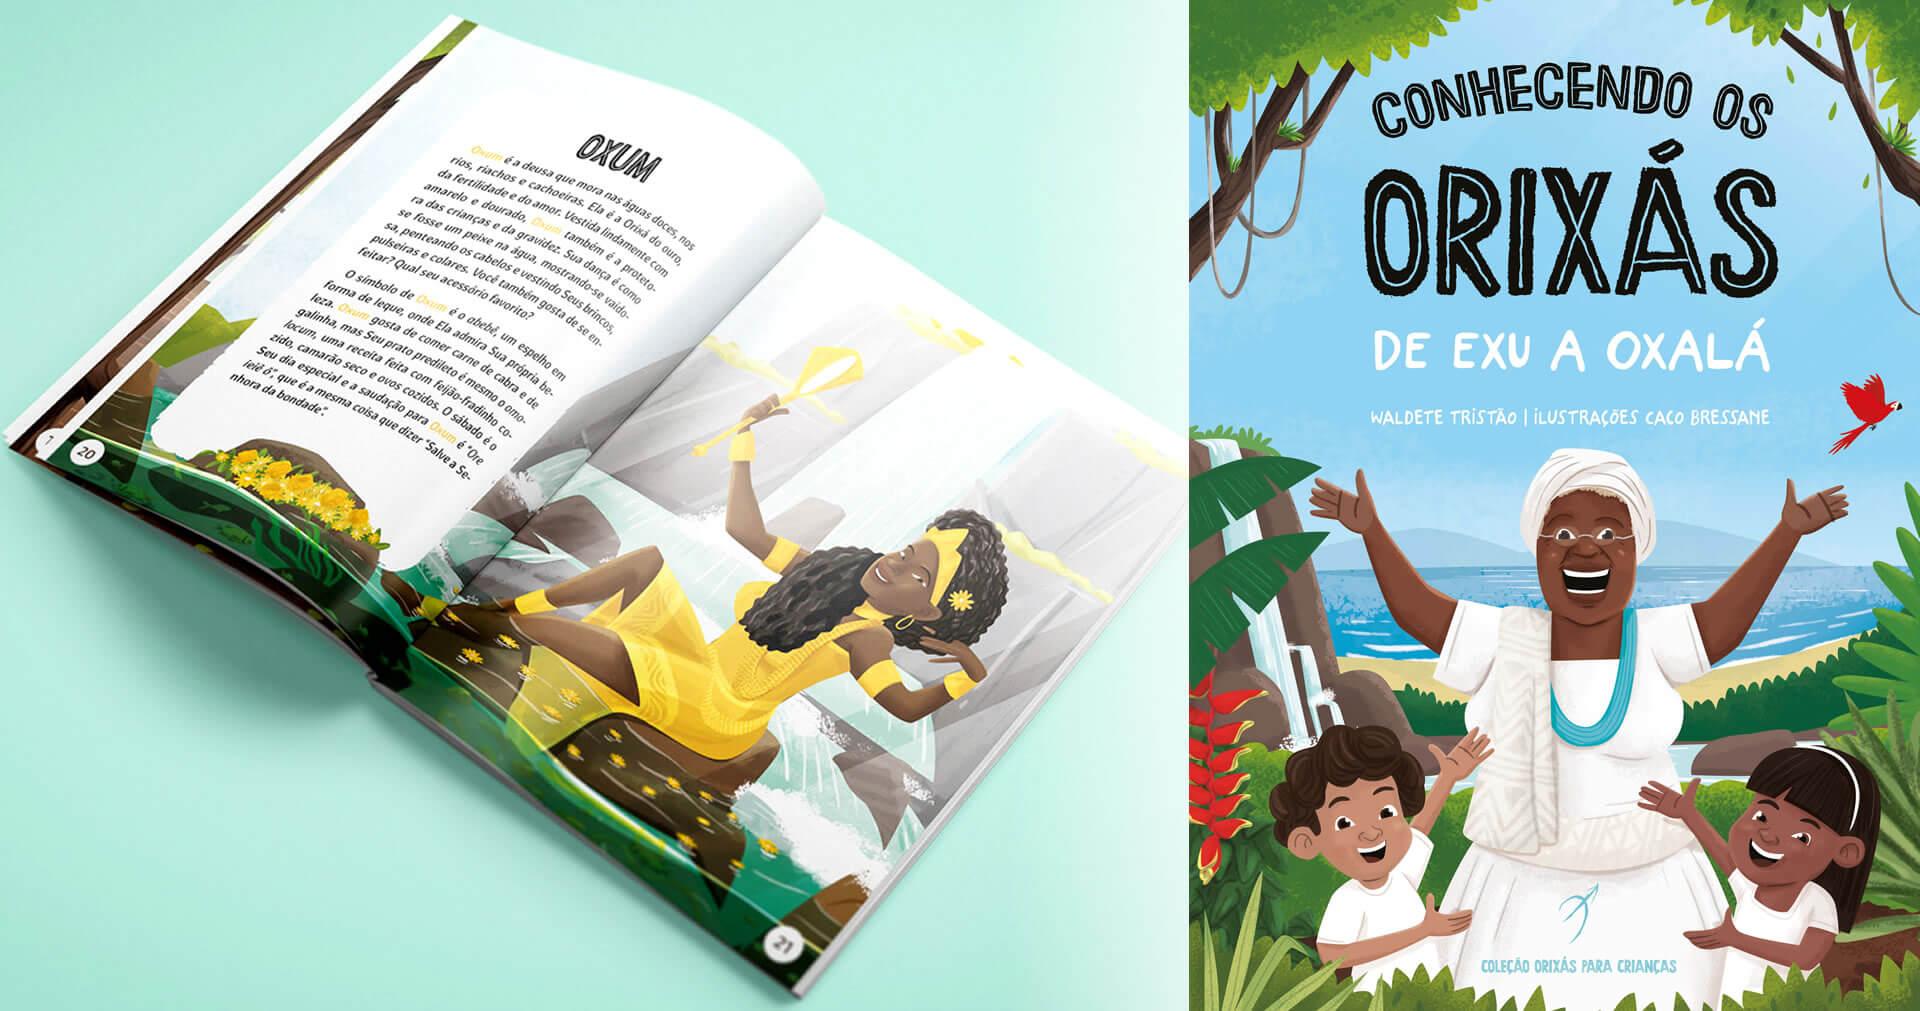 Arole Cultural | Escrito por Waldete Tristão, Conhecendo os Orixás é um livro glorioso destinado a educar os jovens sobre a beleza da espiritualidade africana.